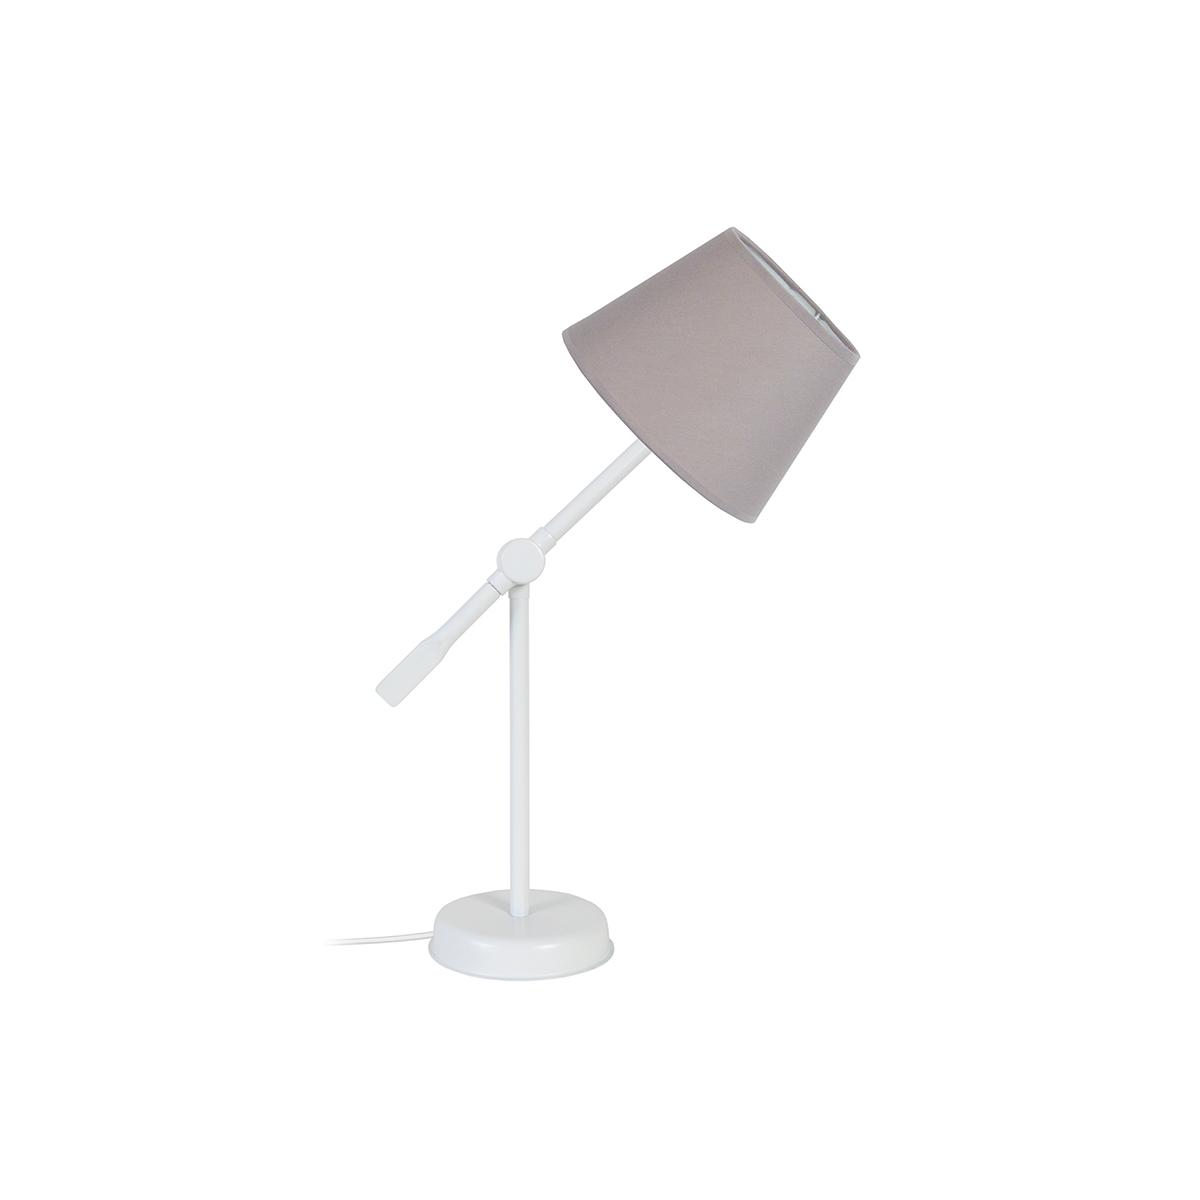 Lampada da tavolo design snodata in acciaio Talpa LUCIO